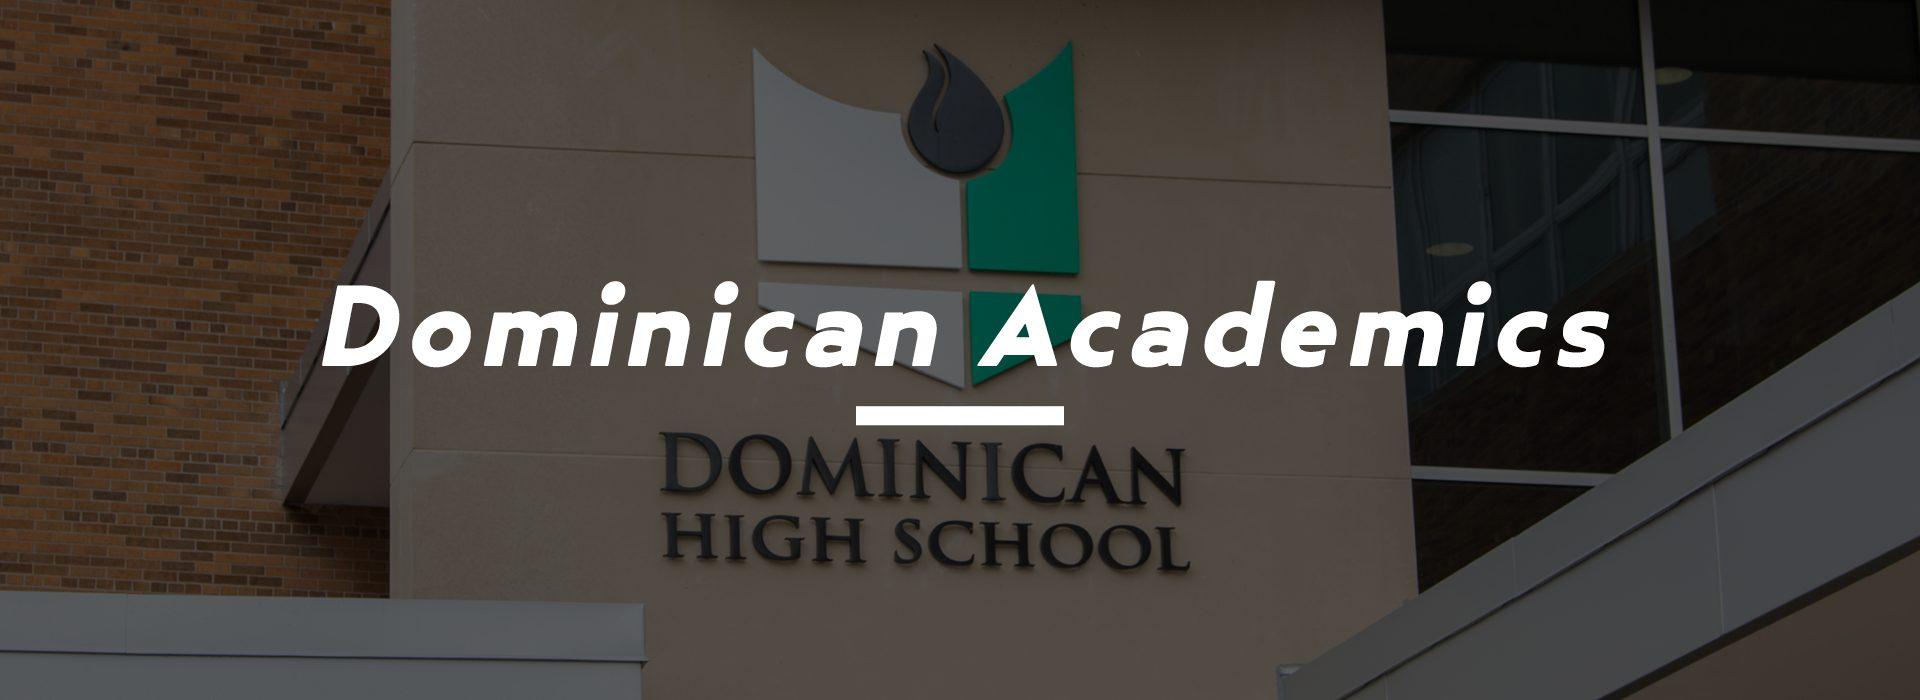 dominican-academics-banner